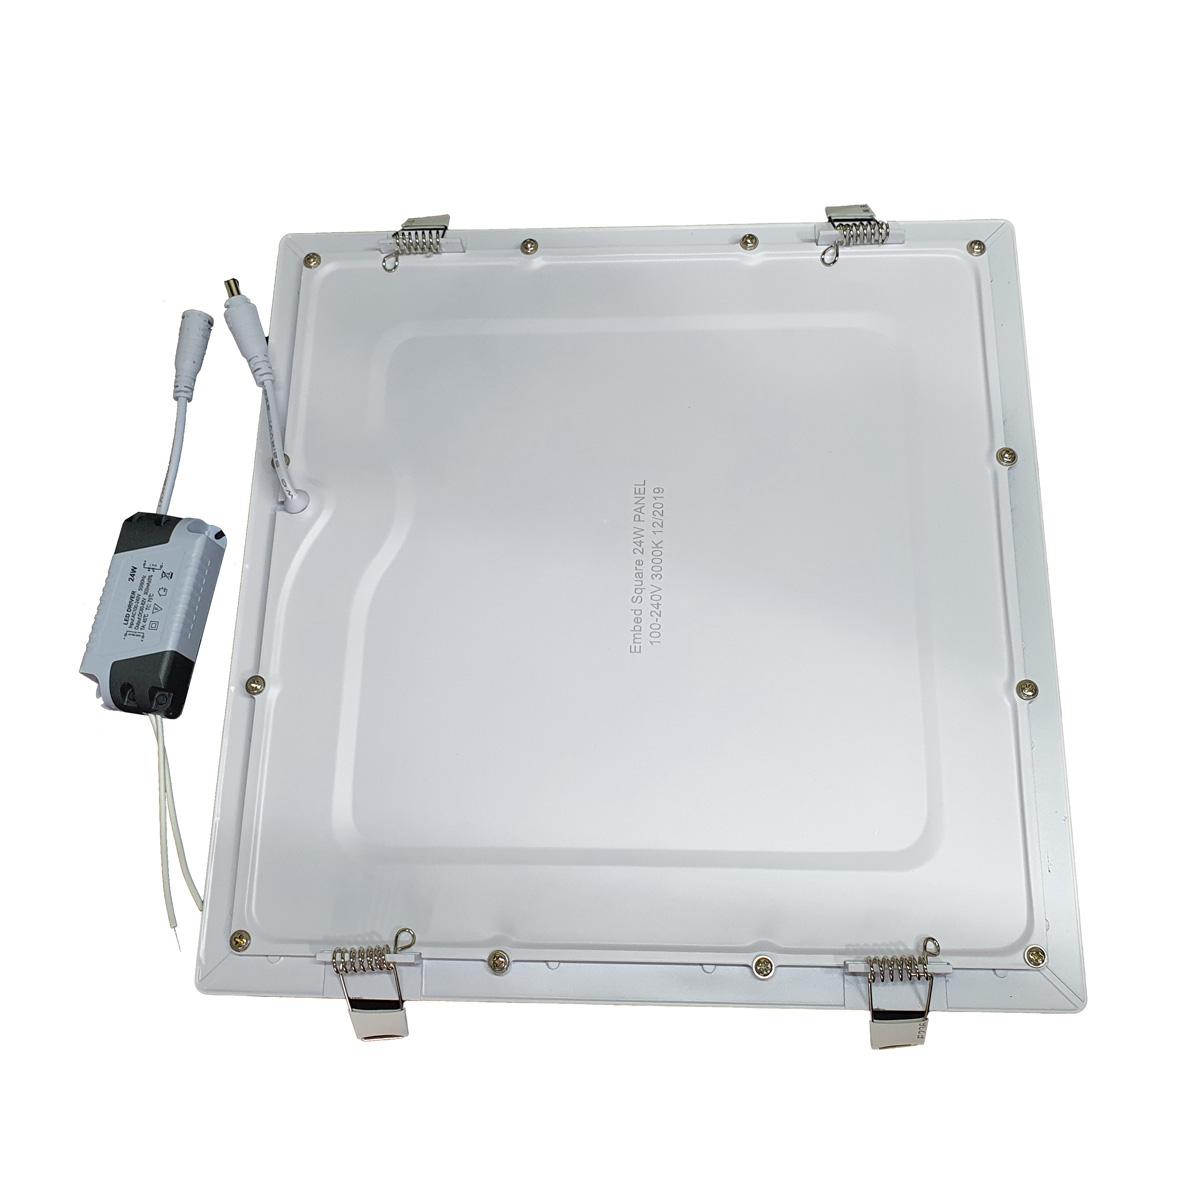 Luminária LED Embutir 24w Quadrada Branco Quente 3000k Plafon